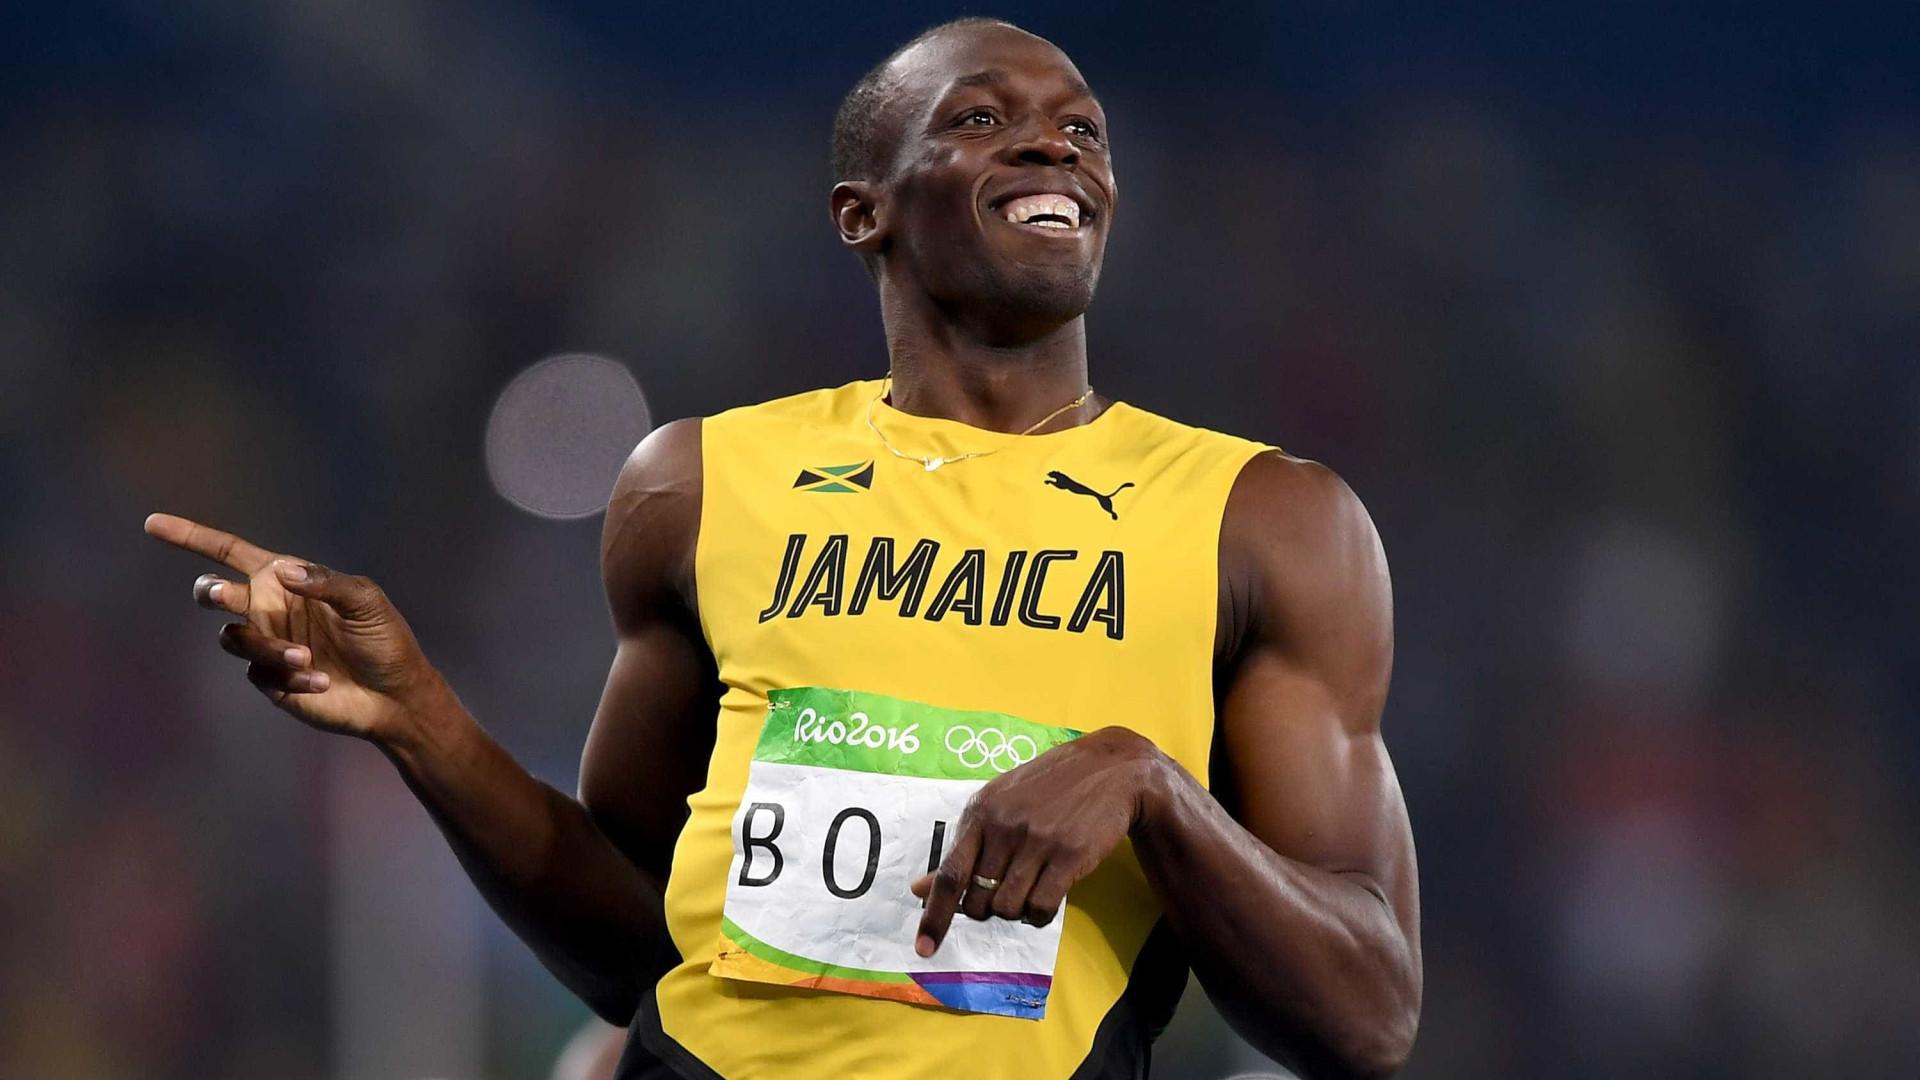 Bolt no futebol profissional? Entenda como o atleta está se preparando